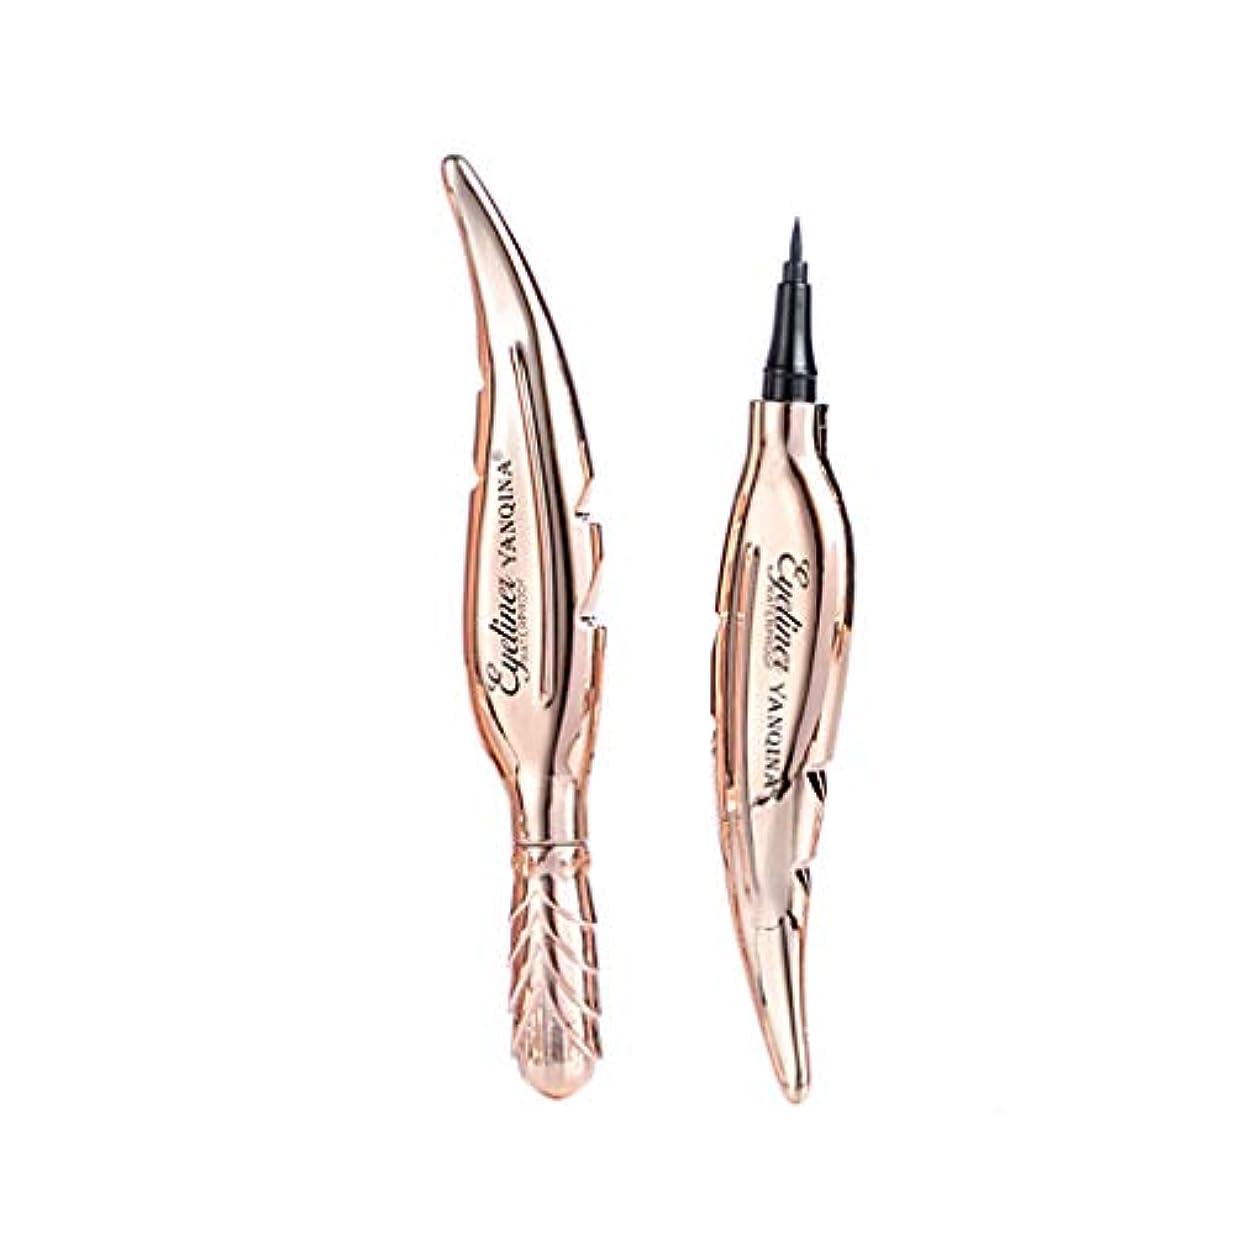 チロ糸くびれたYan Qinaの羽の形の涼しく黒いアイライナーのペンは染められない速い乾燥した防水